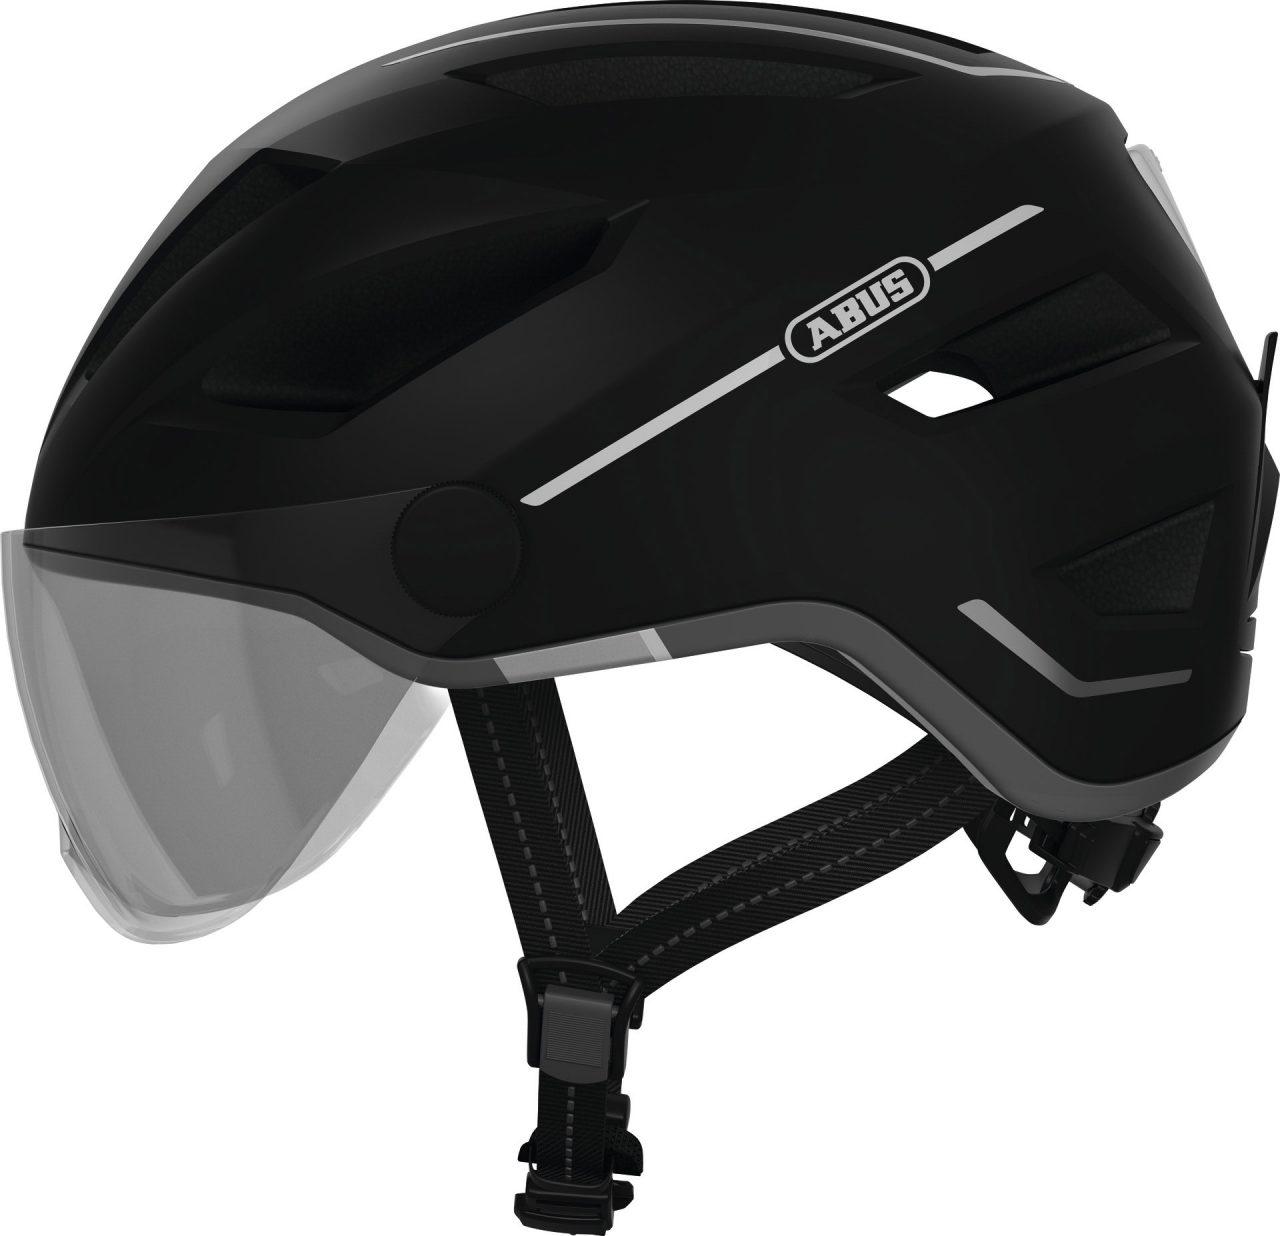 Für Geschwindigkeiten von bis zu 45 km/h auf dem E-Bike bietet der Pedelec 2.0 Ace von Abus einen optimalen Schutz. Mit dem integrierten und austauschbaren Visier schützt er die Augen vor Witterungseinflüssen, Fahrtwind und Insekten. Im Sommer sorgt er durch die Forced-Air-Technologie für angenehme Temperaturen unter dem Helm. Ein großes LED-Rücklicht, welches per USB aufladbar ist, gewährleistet zusätzlich gute Sichtbarkeit bei Dämmerung und Dunkelheit. Der Fahrradhelm ist in den vier Farben Silver Edition, Velvet Black, Midnight Blue und Signal Yellow erhältlich.